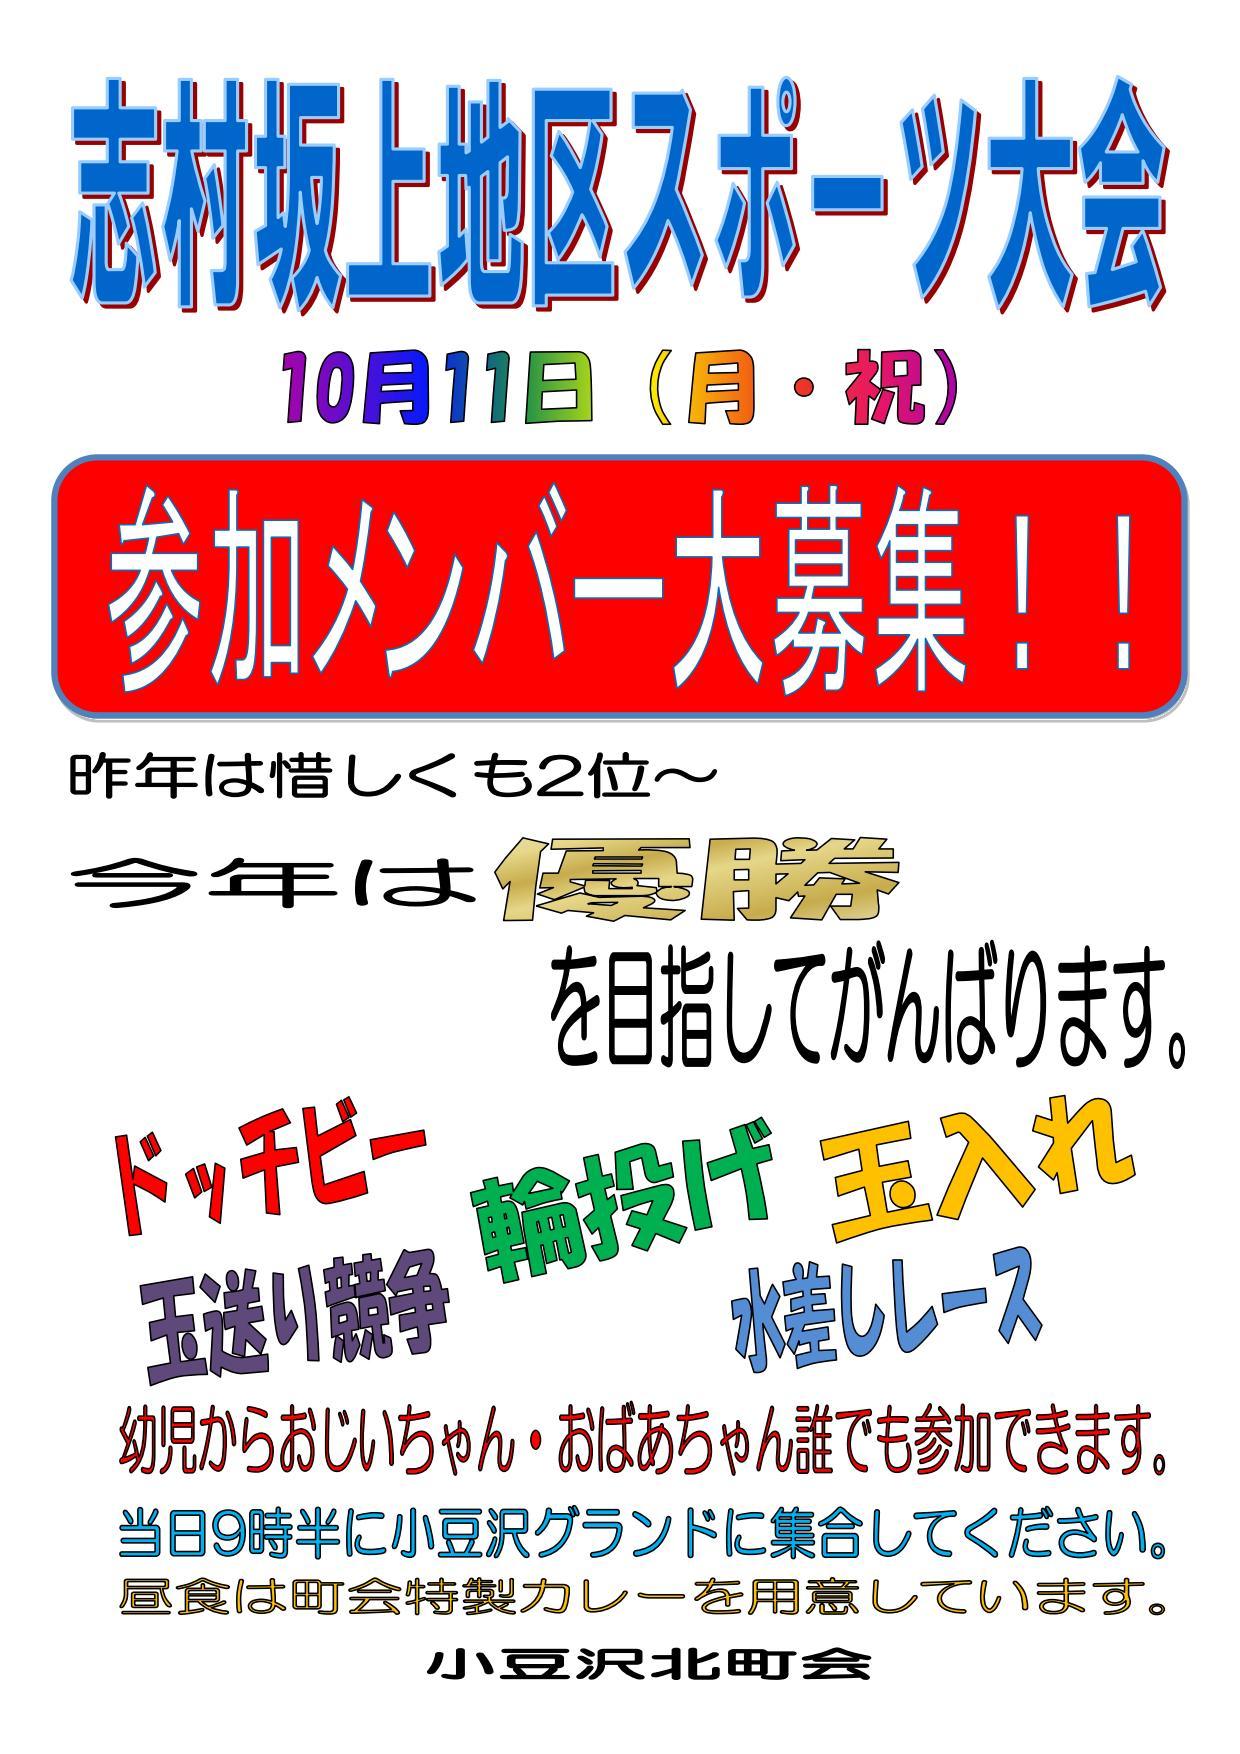 2010-10-11志村坂上地区スポーツ大会の御案内